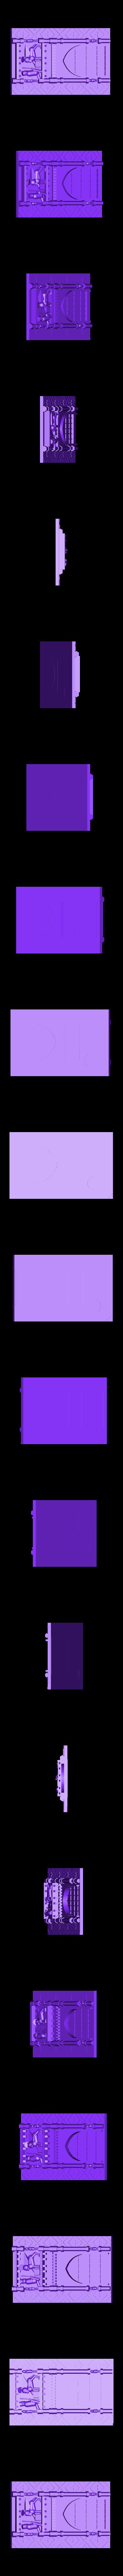 psm_top_centre1.stl Télécharger fichier STL gratuit Un peu de Venise sur le côté Warhammer 40k! • Plan pour imprimante 3D, Earsling